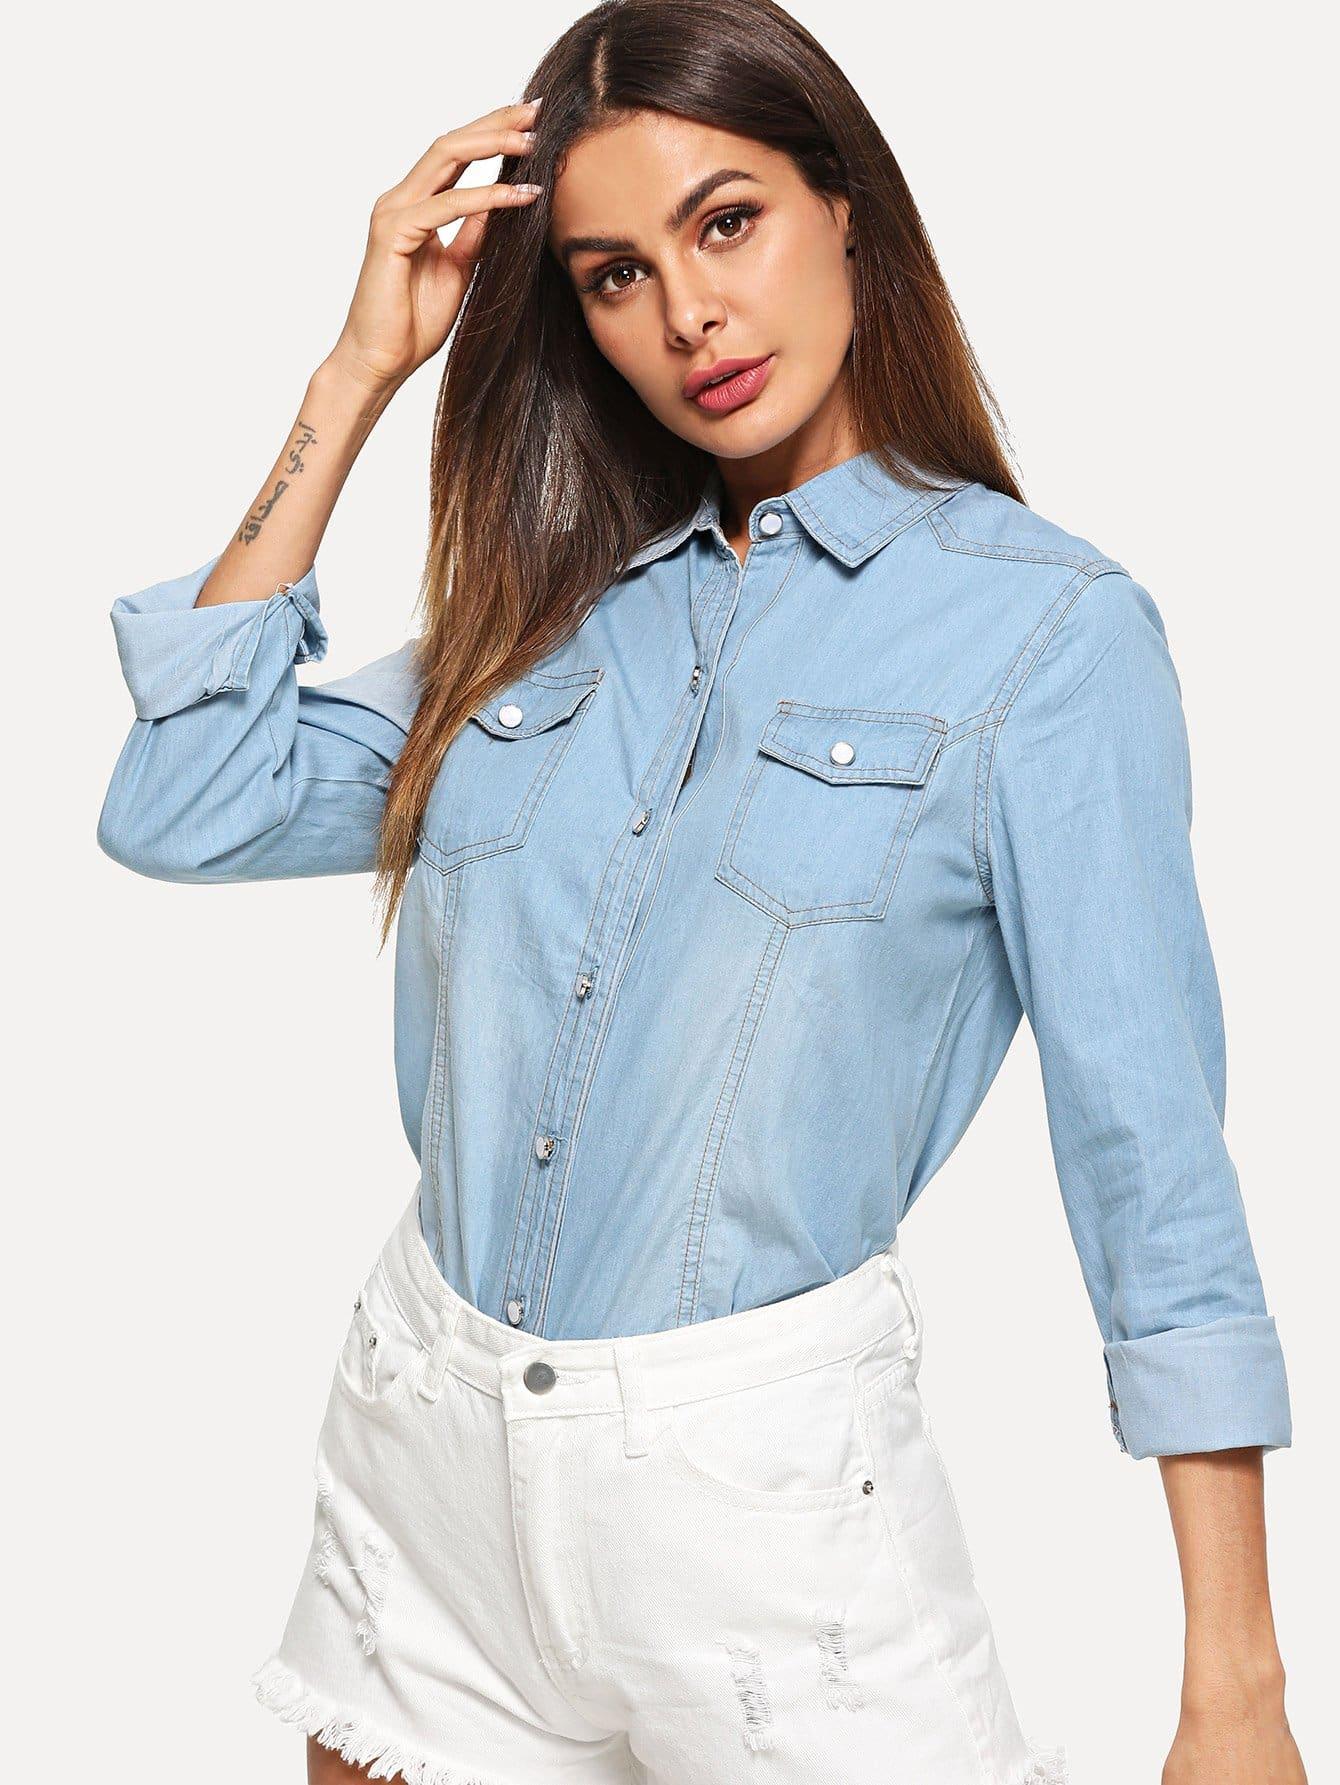 Купить Джинсовая блузка с украшением пуговицы и кармана, Andy, SheIn